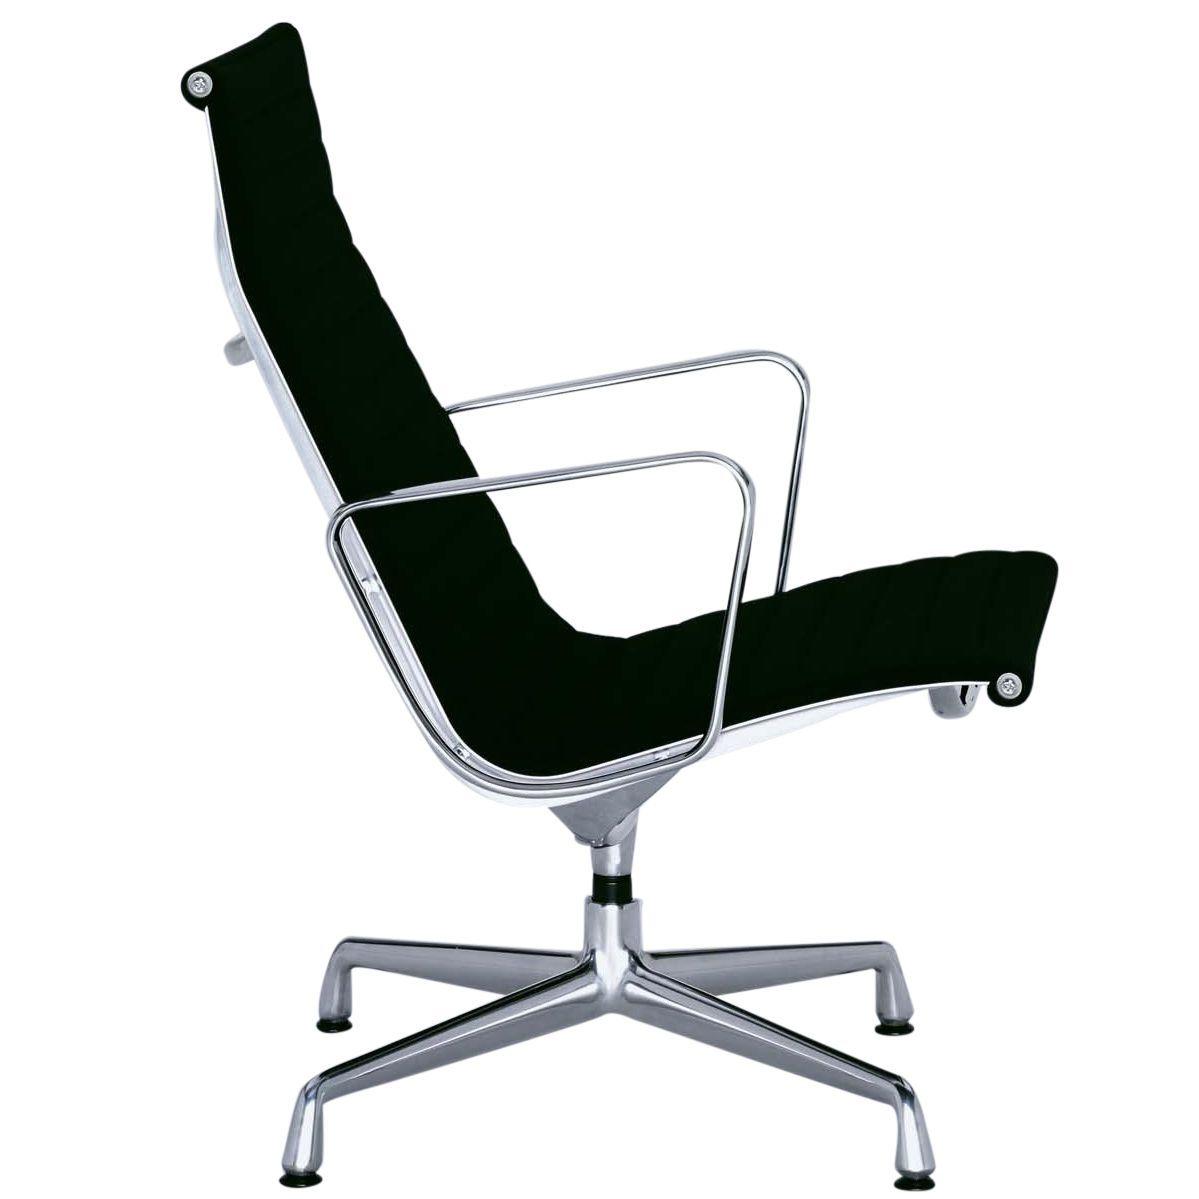 vitra office chair price design patent ea 116 aluminium